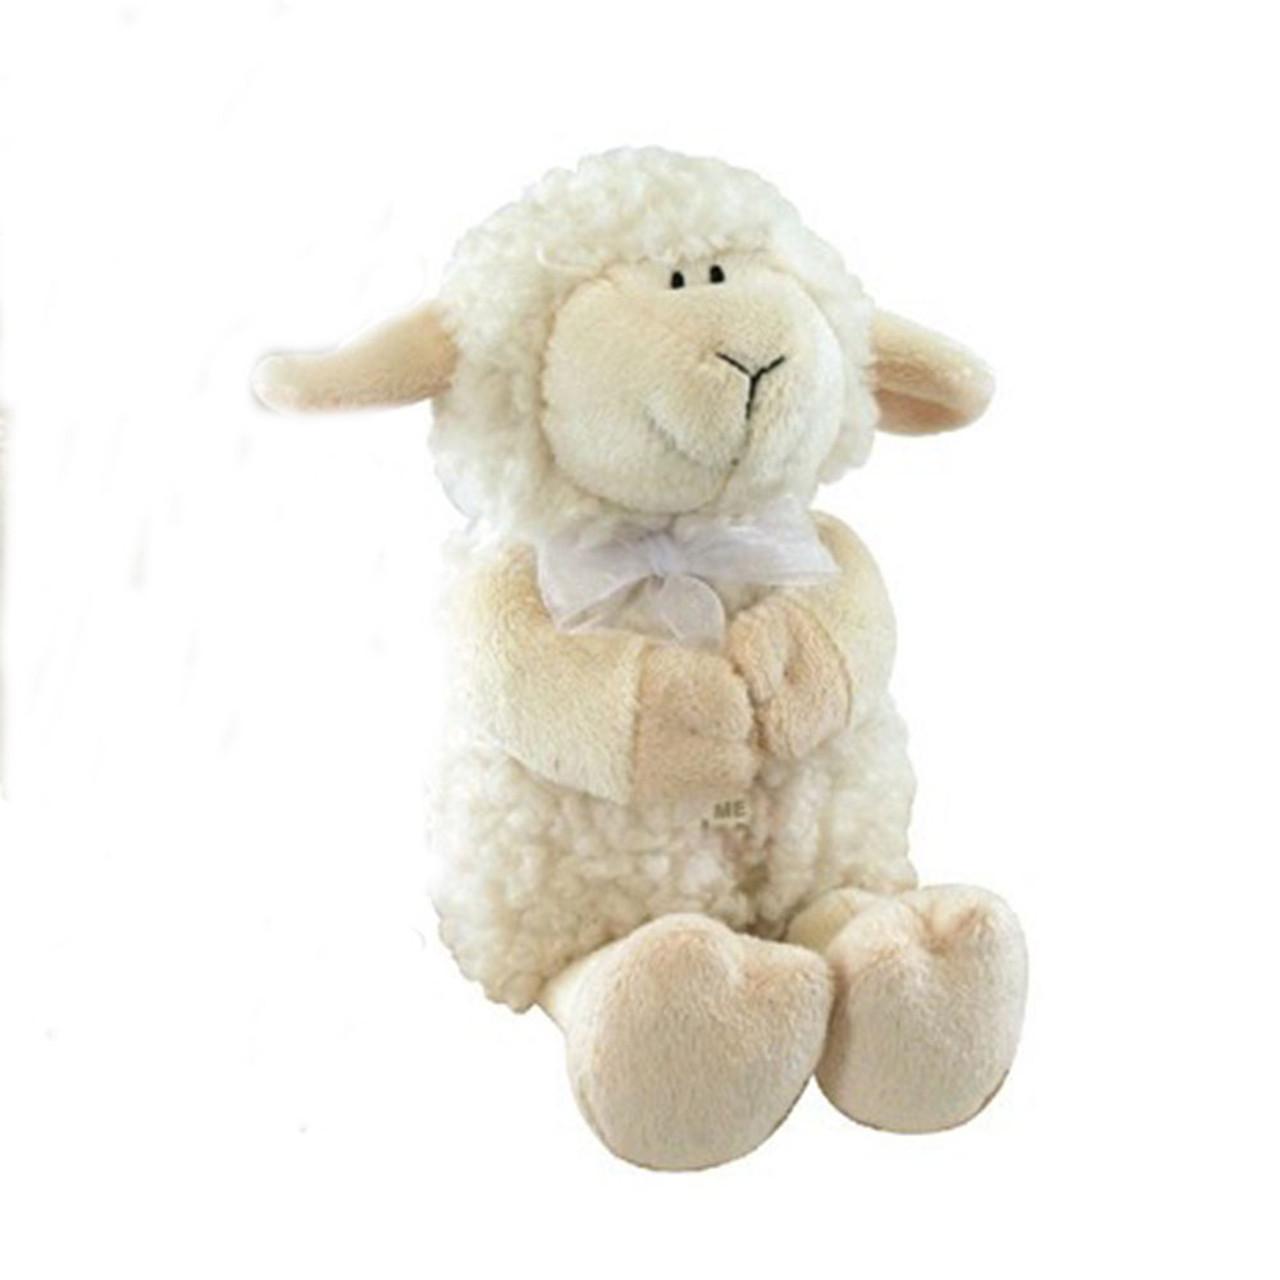 Praying Lamb Plays Jesus Loves Me